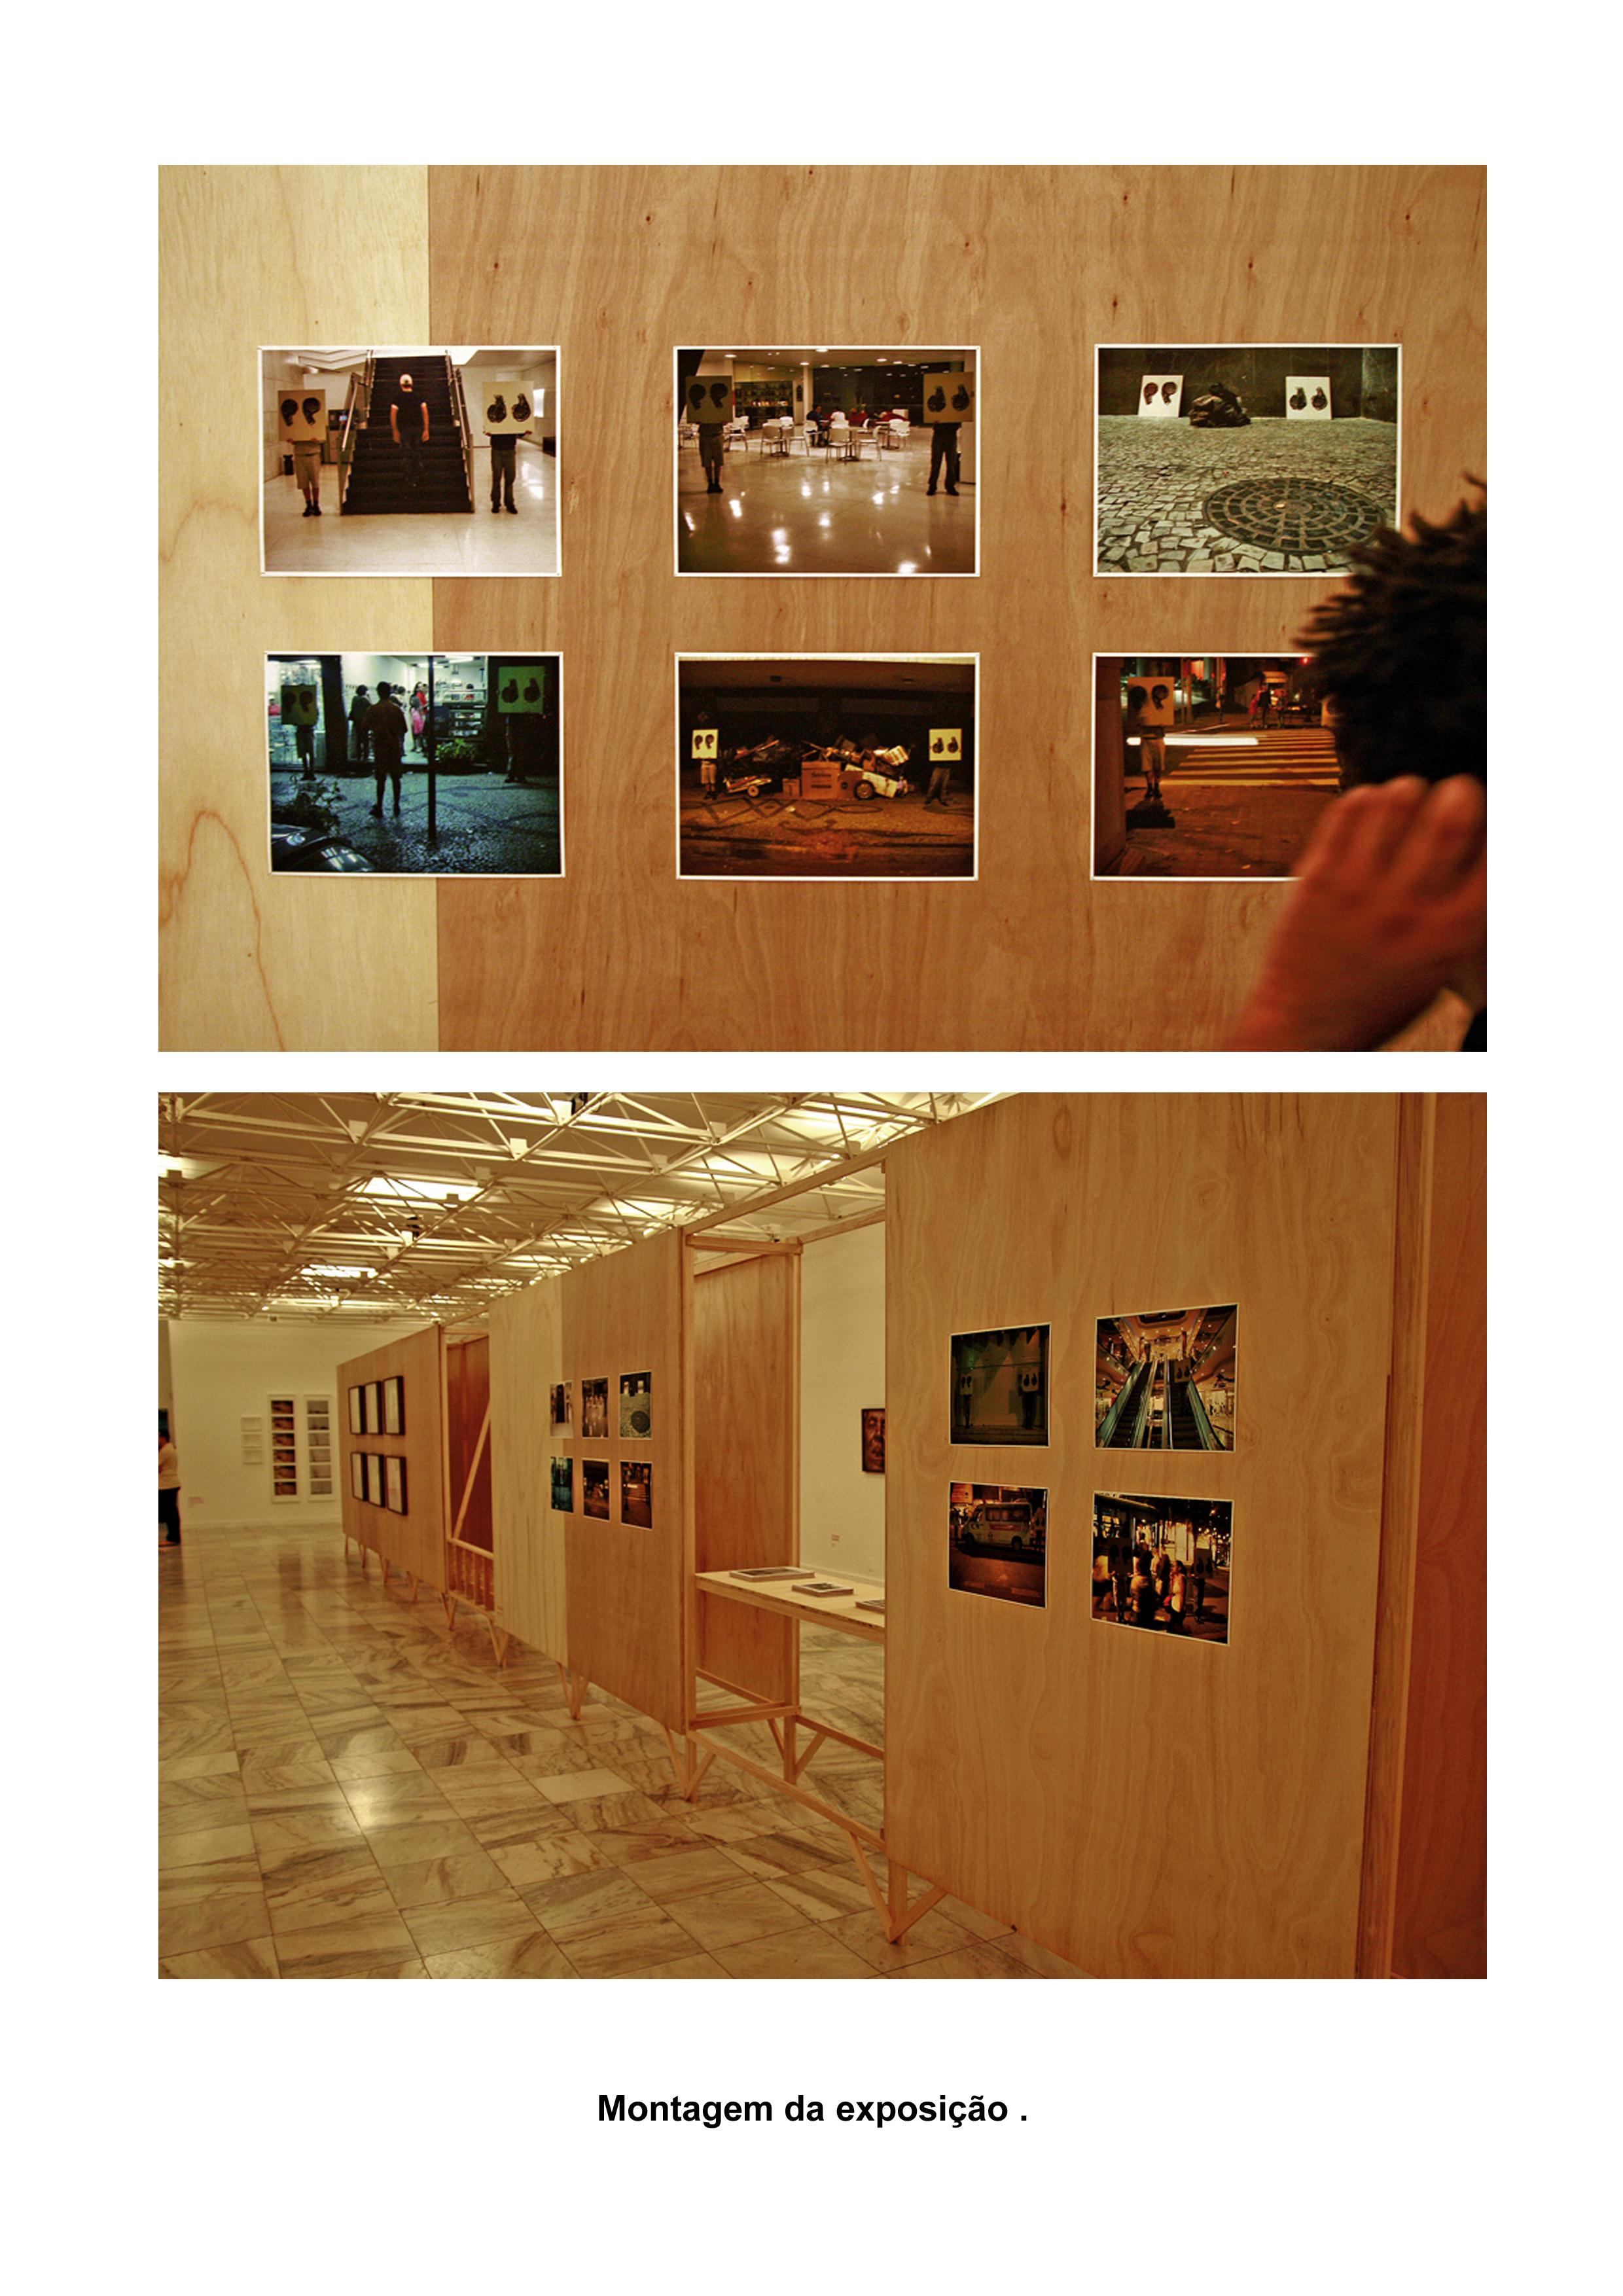 Galeria Genesco Musta, Palácio das Artes